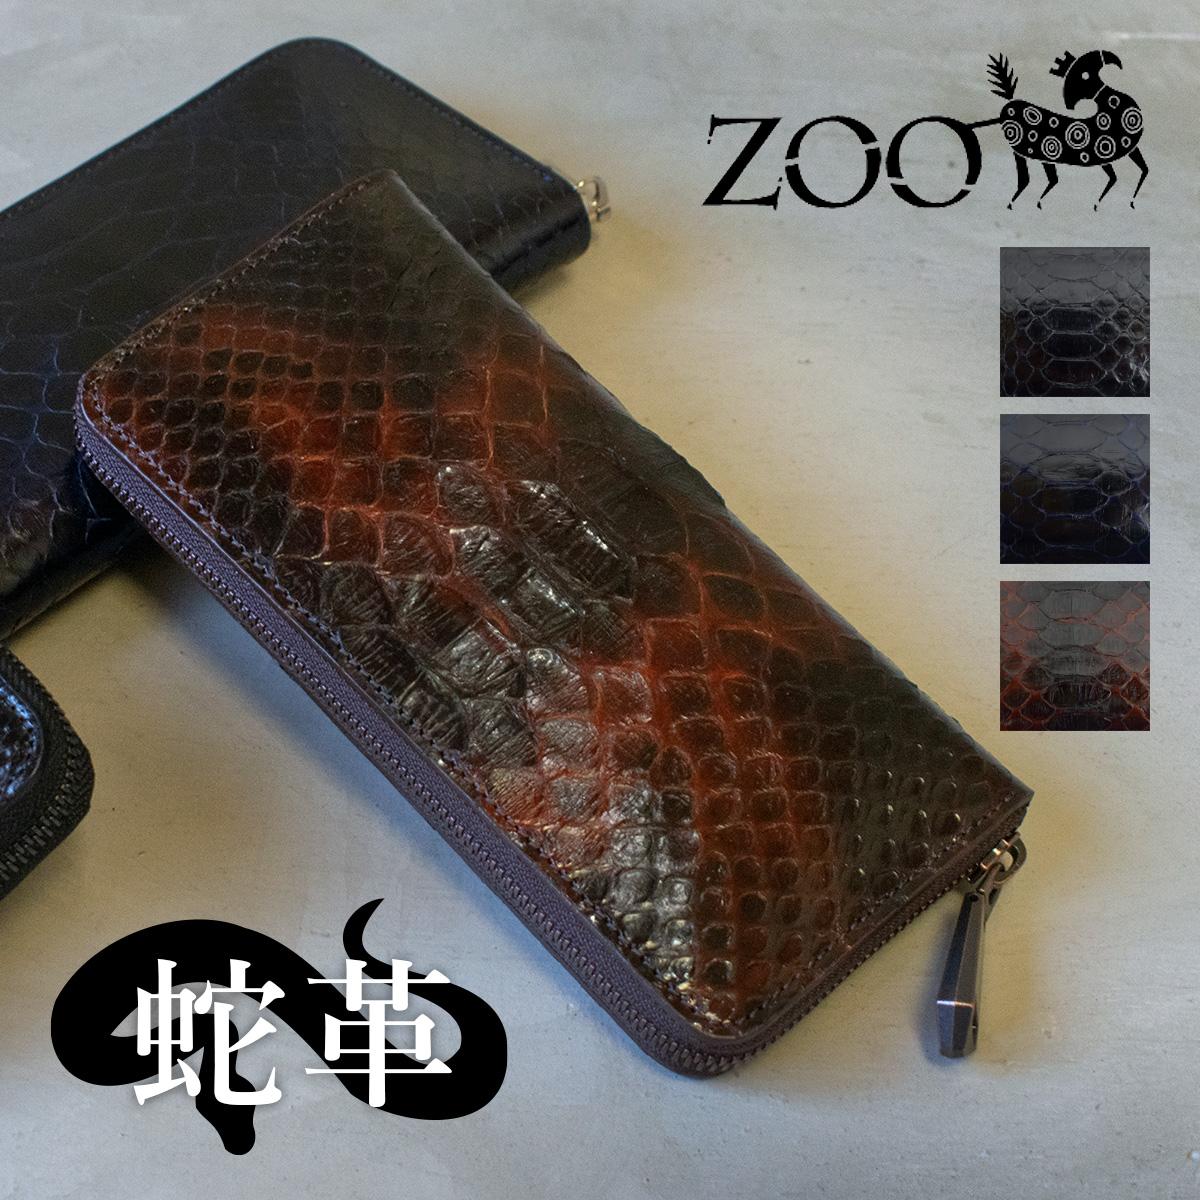 ZOO(ズー) パイソンレザー 蛇革 ラウンドファスナー メンズ 長財布 zlw-084 【父の日】